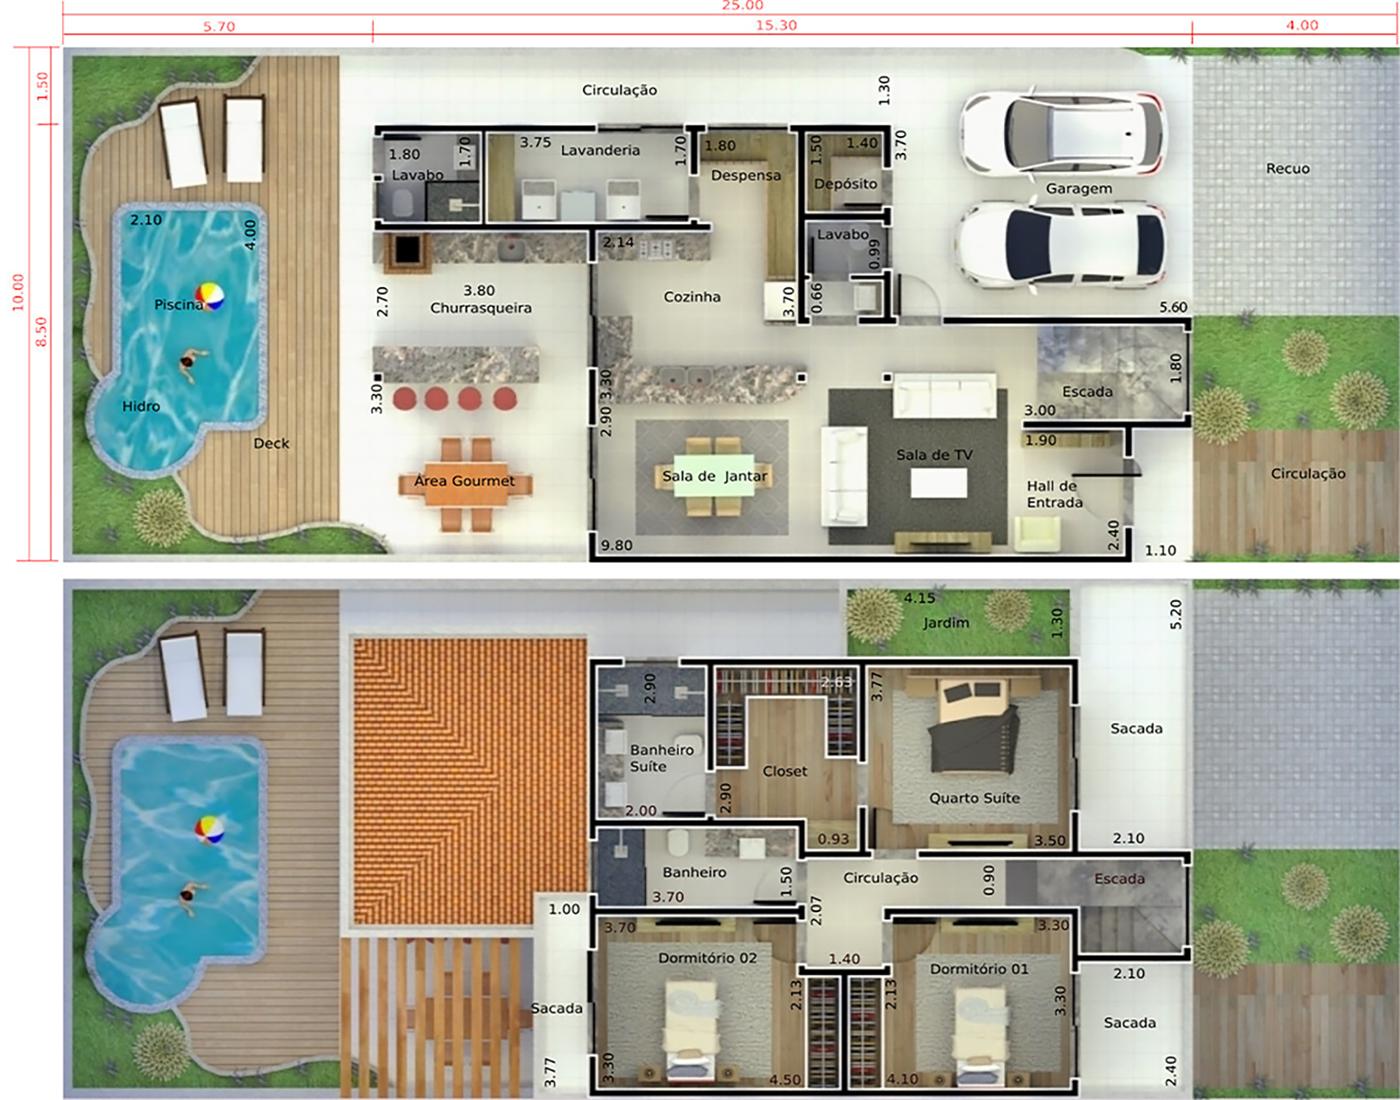 Planta de casa com telhado duas águas. Planta para terreno 10x25